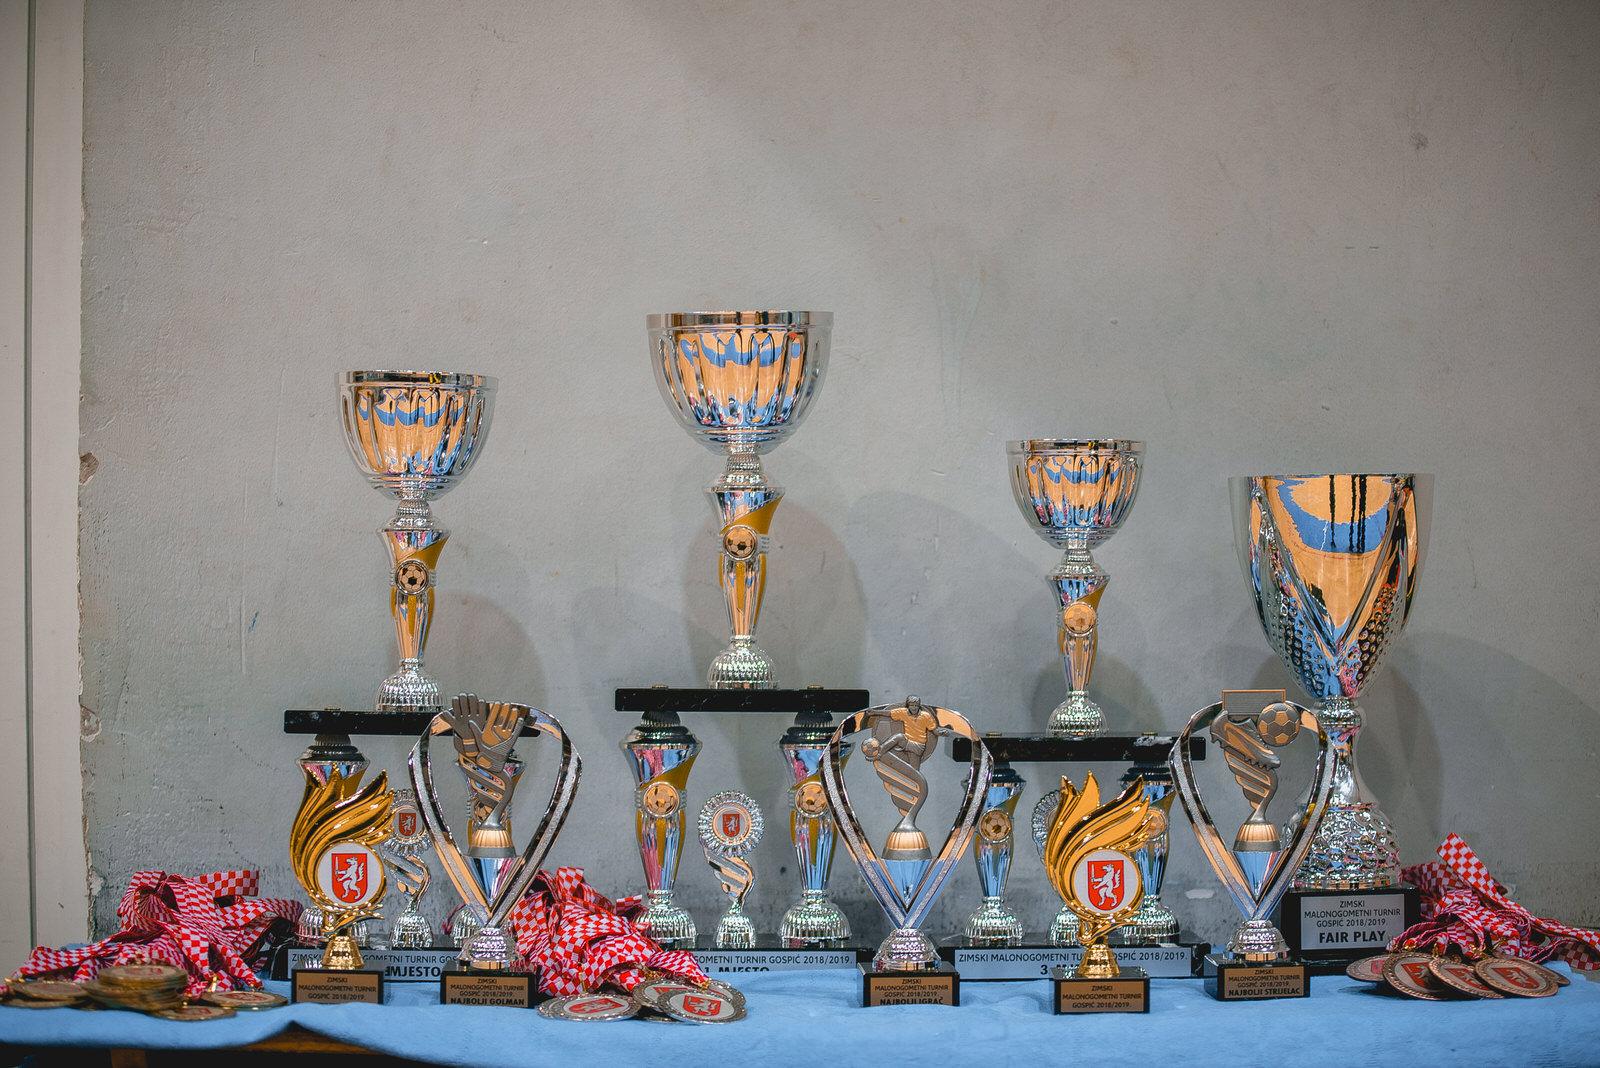 likaclub_gospić_zimski-malonogometni-turnir-2018-19-8